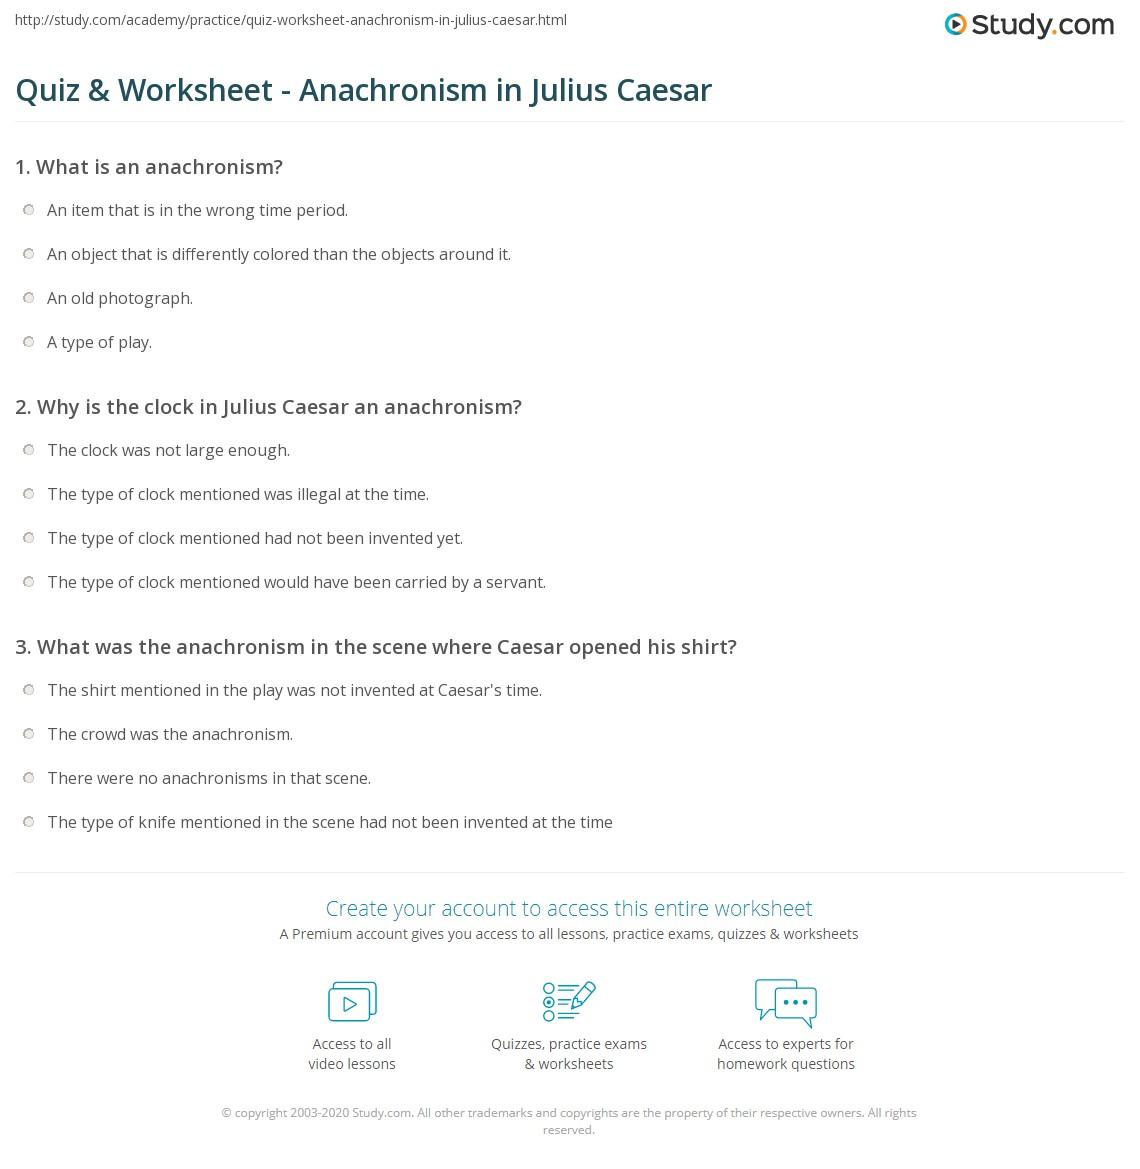 Quiz & Worksheet - Anachronism in Julius Caesar | Study.com